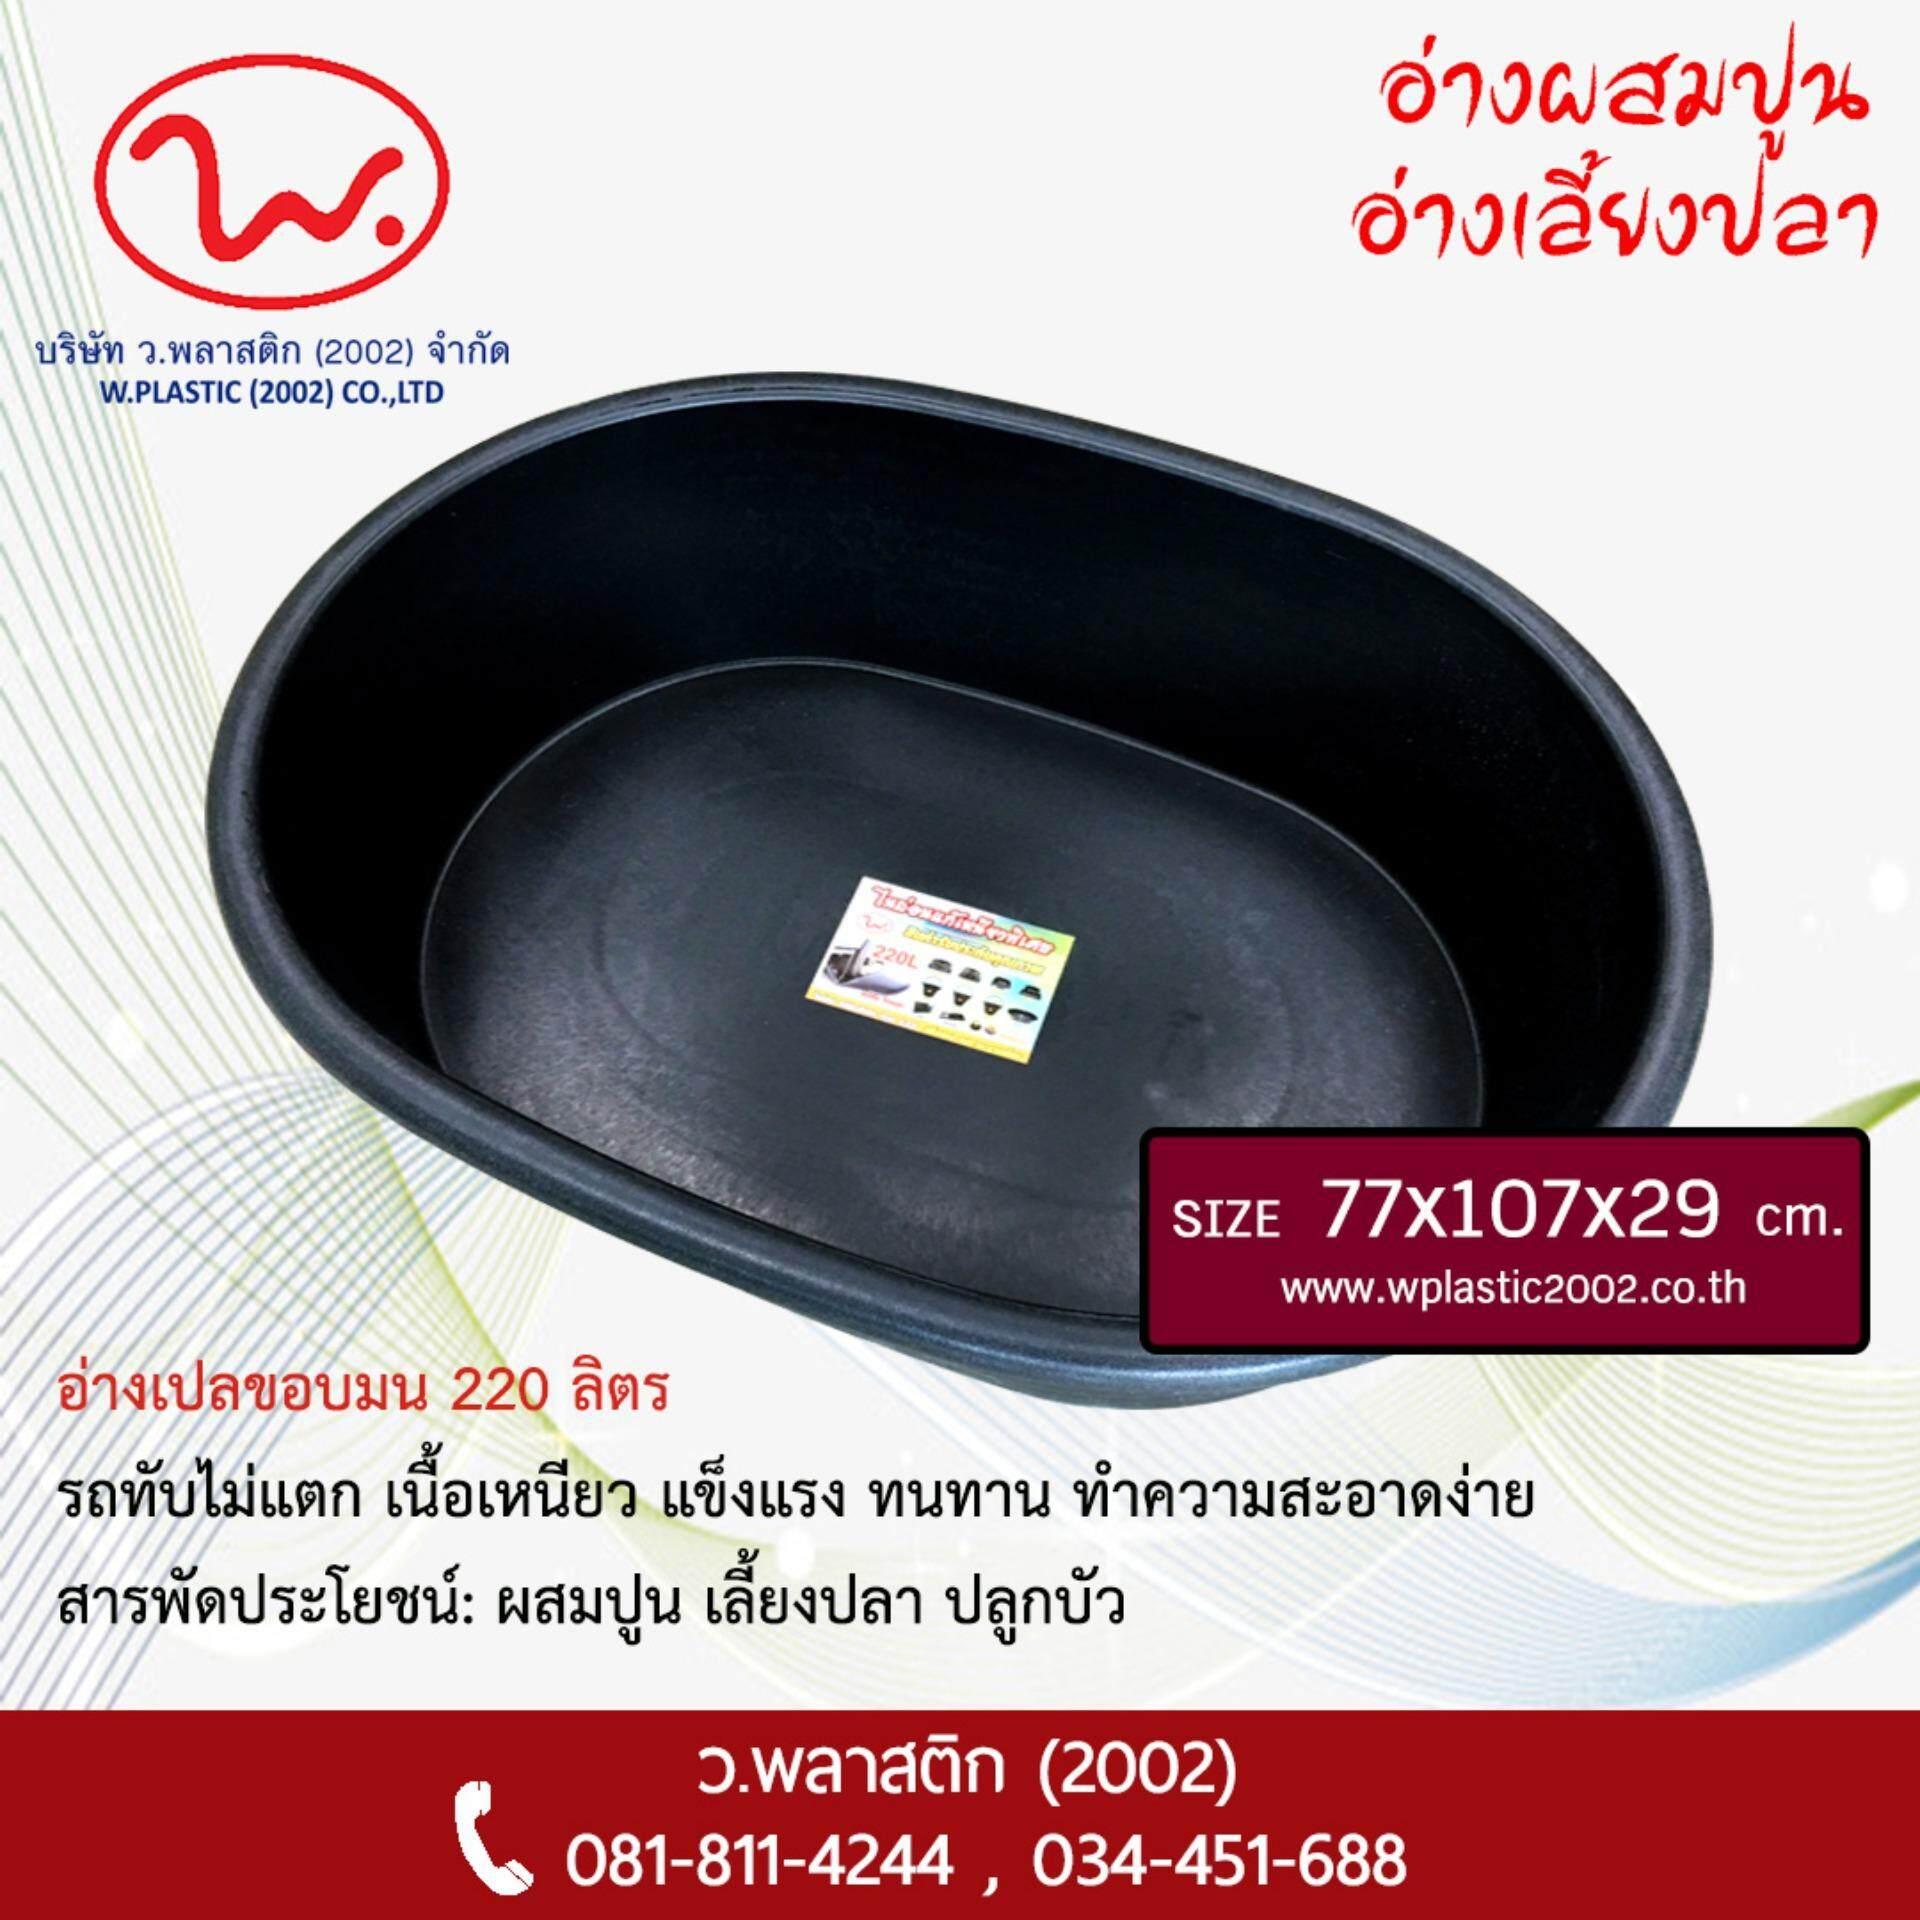 อ่างเปล อ่างผสมปูน อ่างเลี้ยงปลา อ่างขอบมน 220 ลิตร.